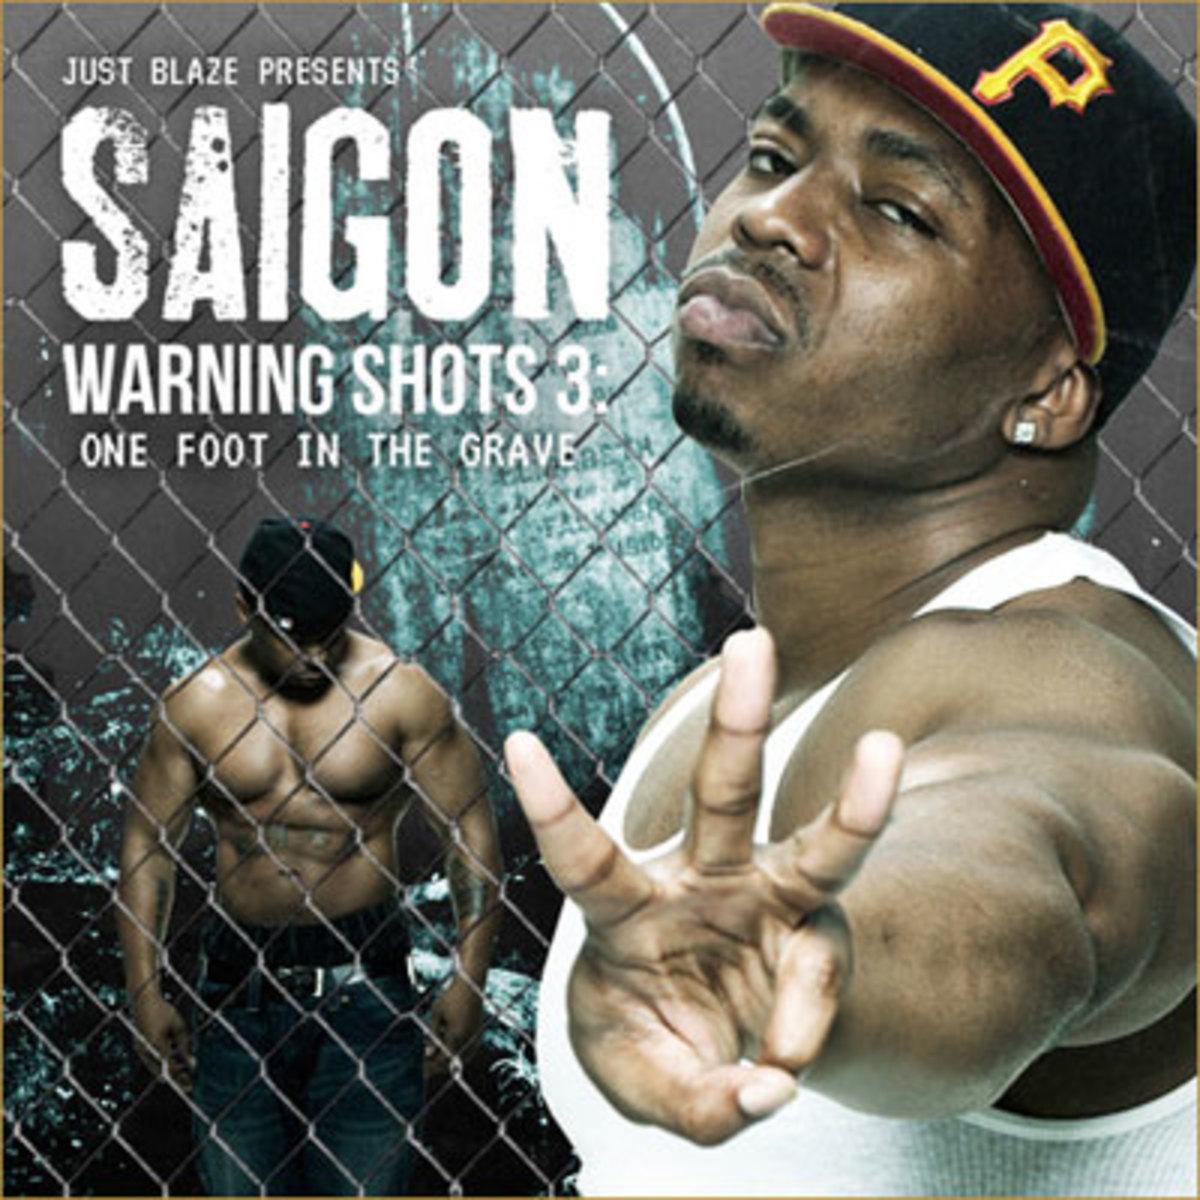 saigon-warningshots3.jpg